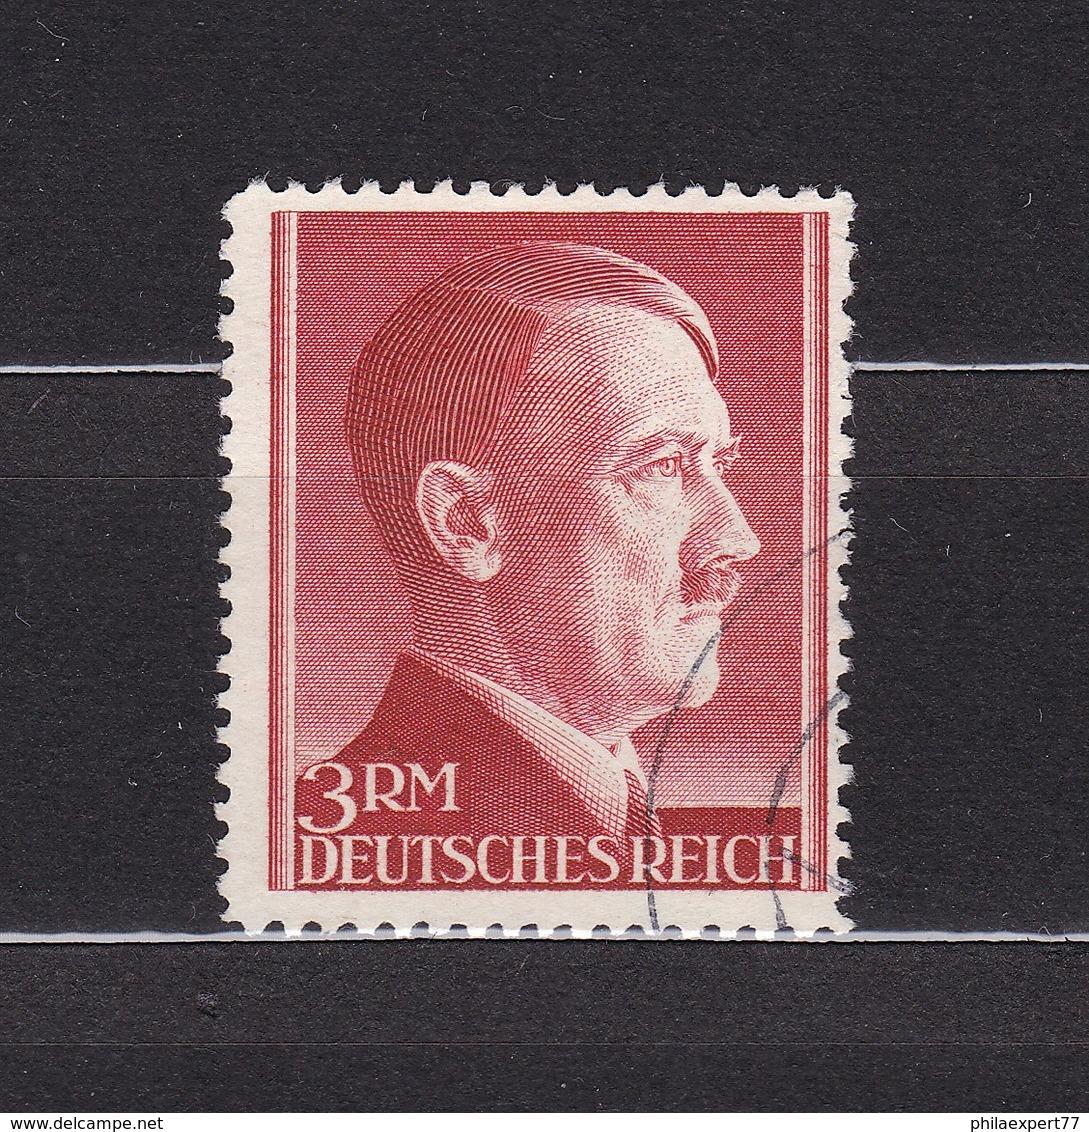 Deutsches Reich - 1942 - Michel Nr. 801 - Deutschland